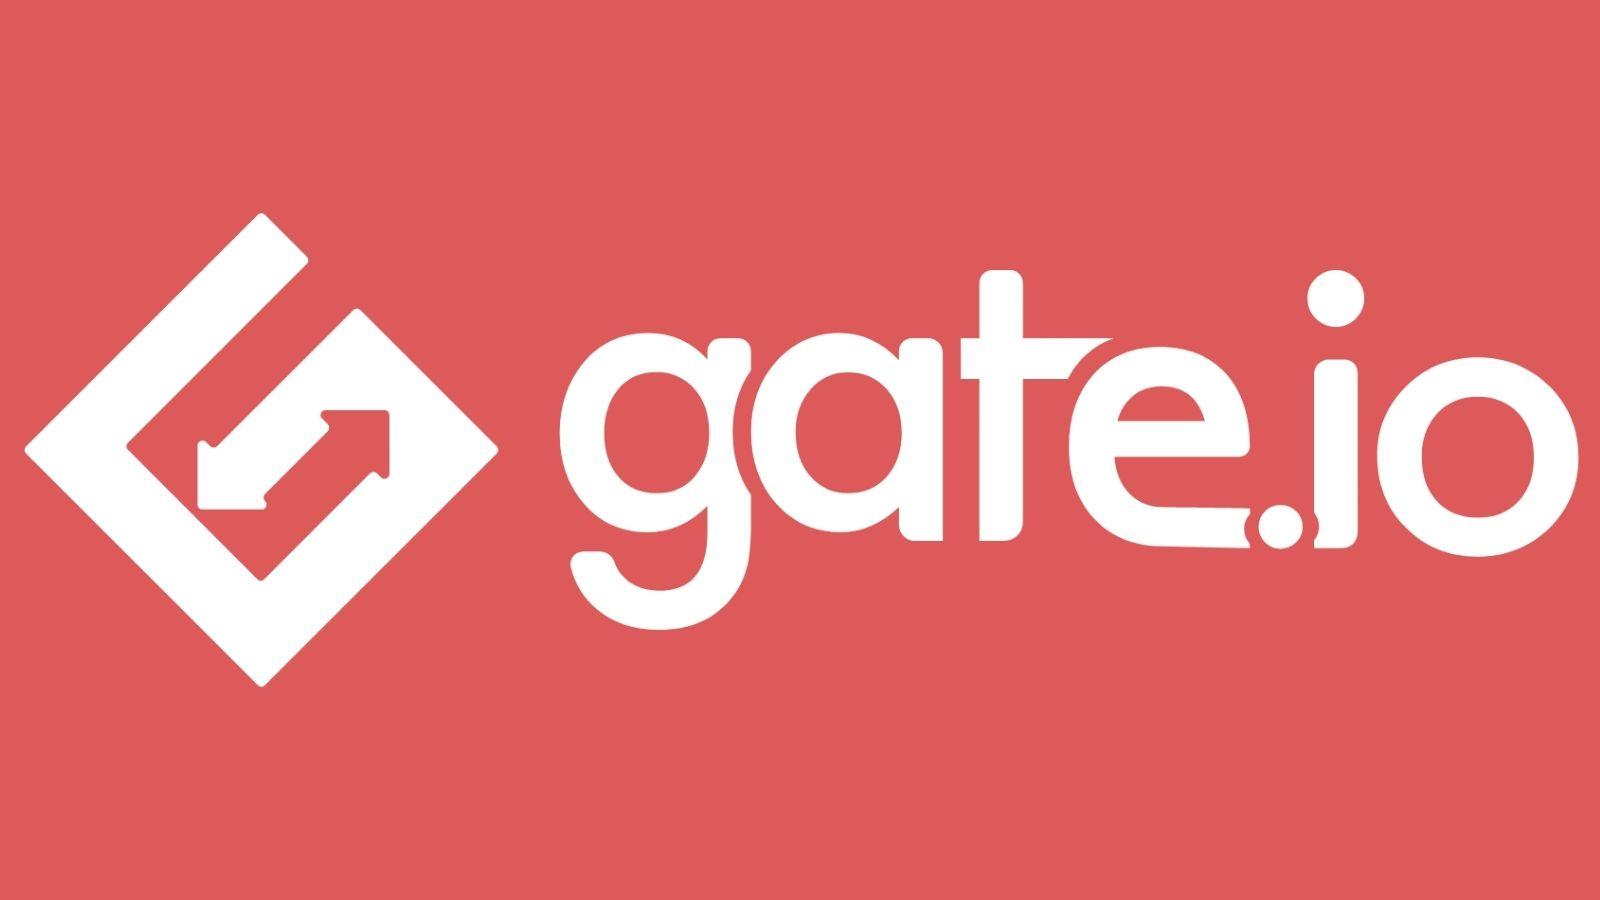 gate.ioのロゴ画像